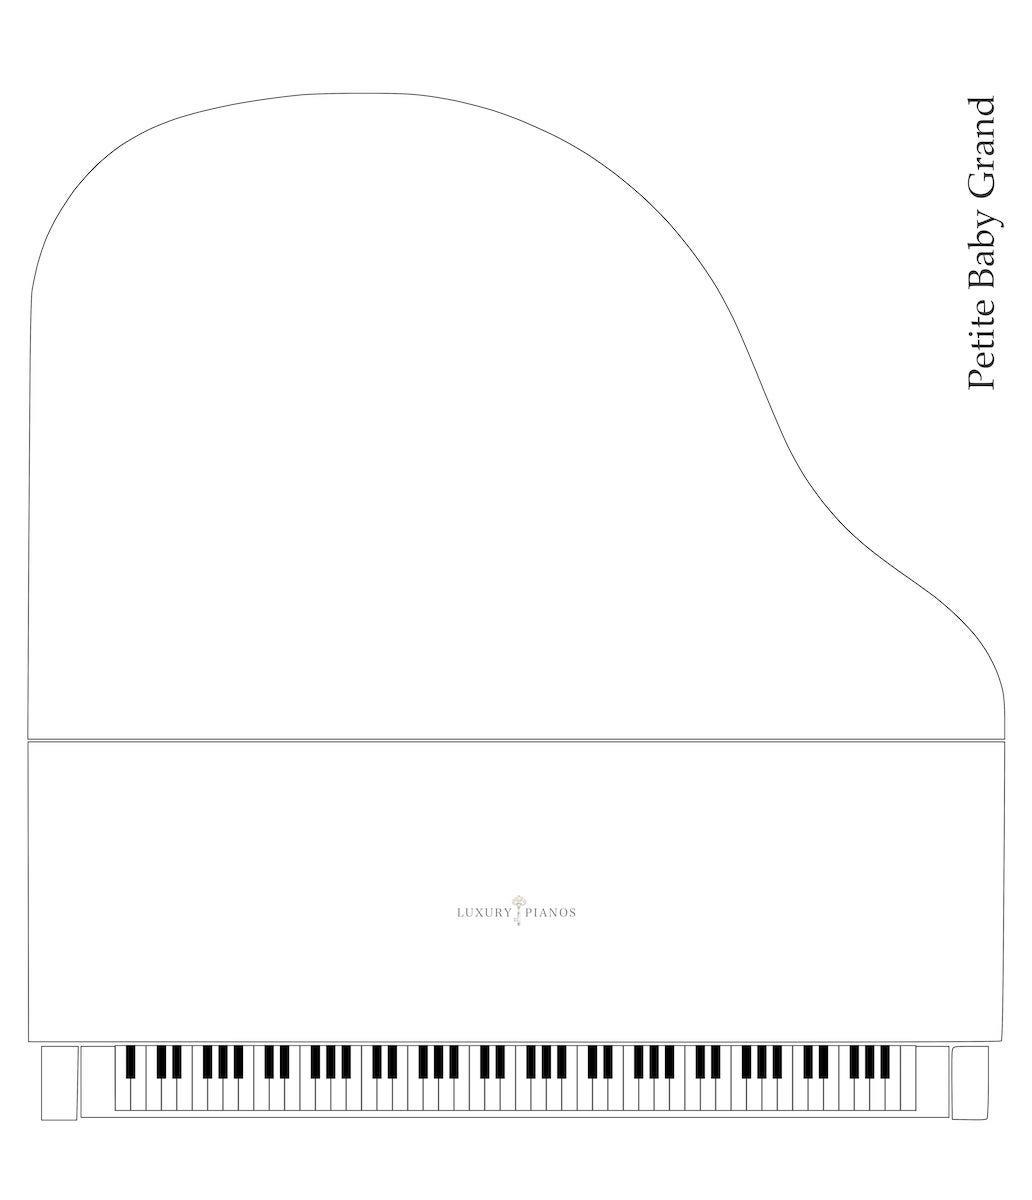 Petite baby grand piano dimensions